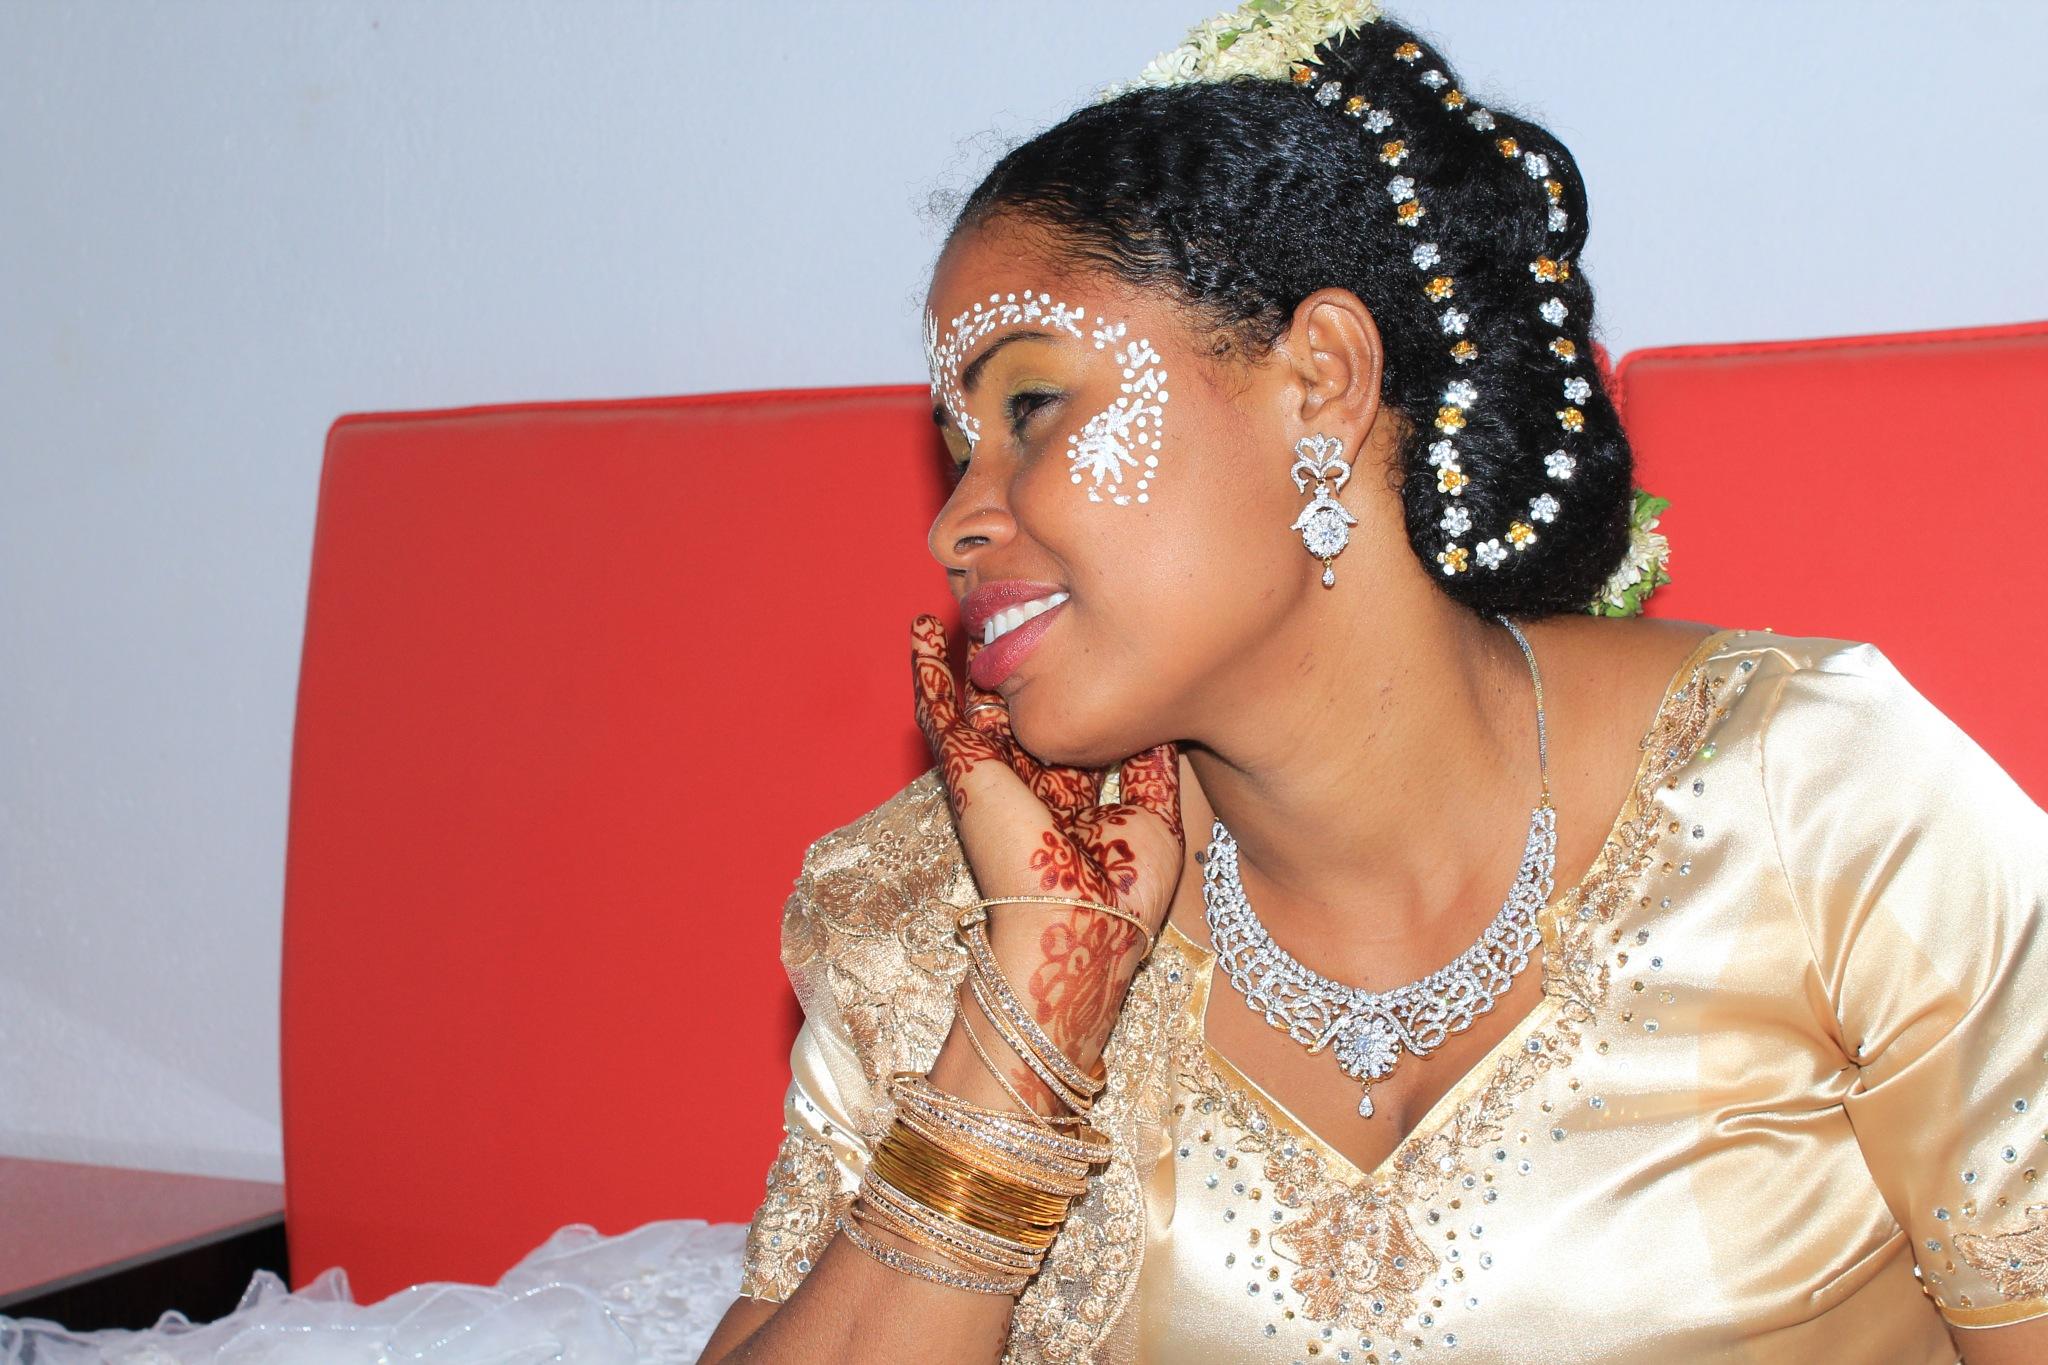 Magnifique mariée by Abdol976